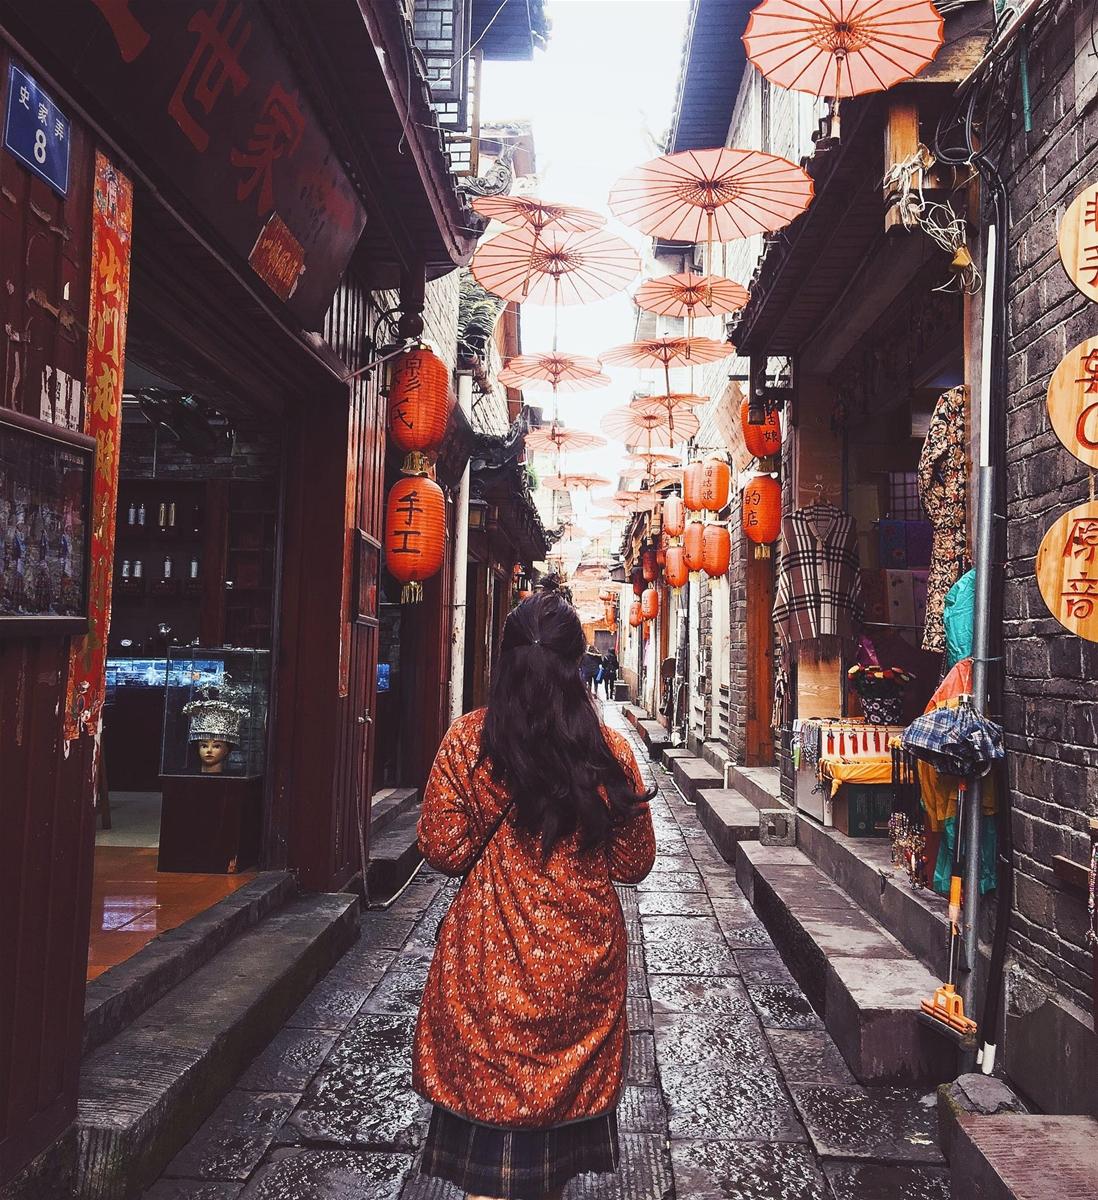 Tour Du Lịch Tour Trương Gia Giới - Phượng Hoàng Cổ Trấn Giá Rẻ Từ Hà Nội  9